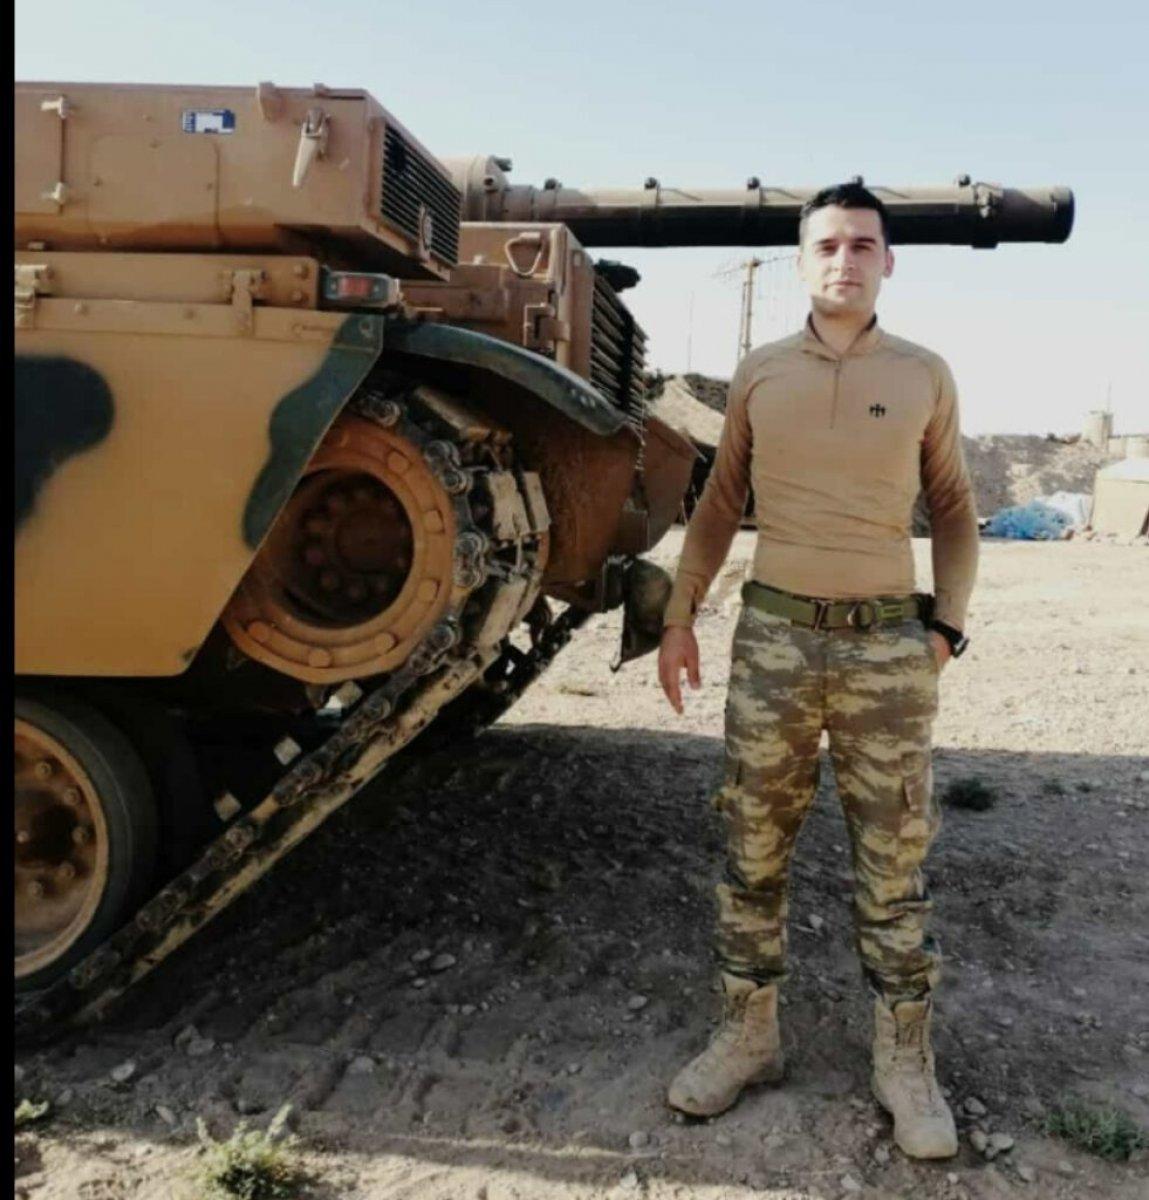 Kuzey Irak ta uzman çavuş, atılan bombayı bacaklarıyla patlattı #1